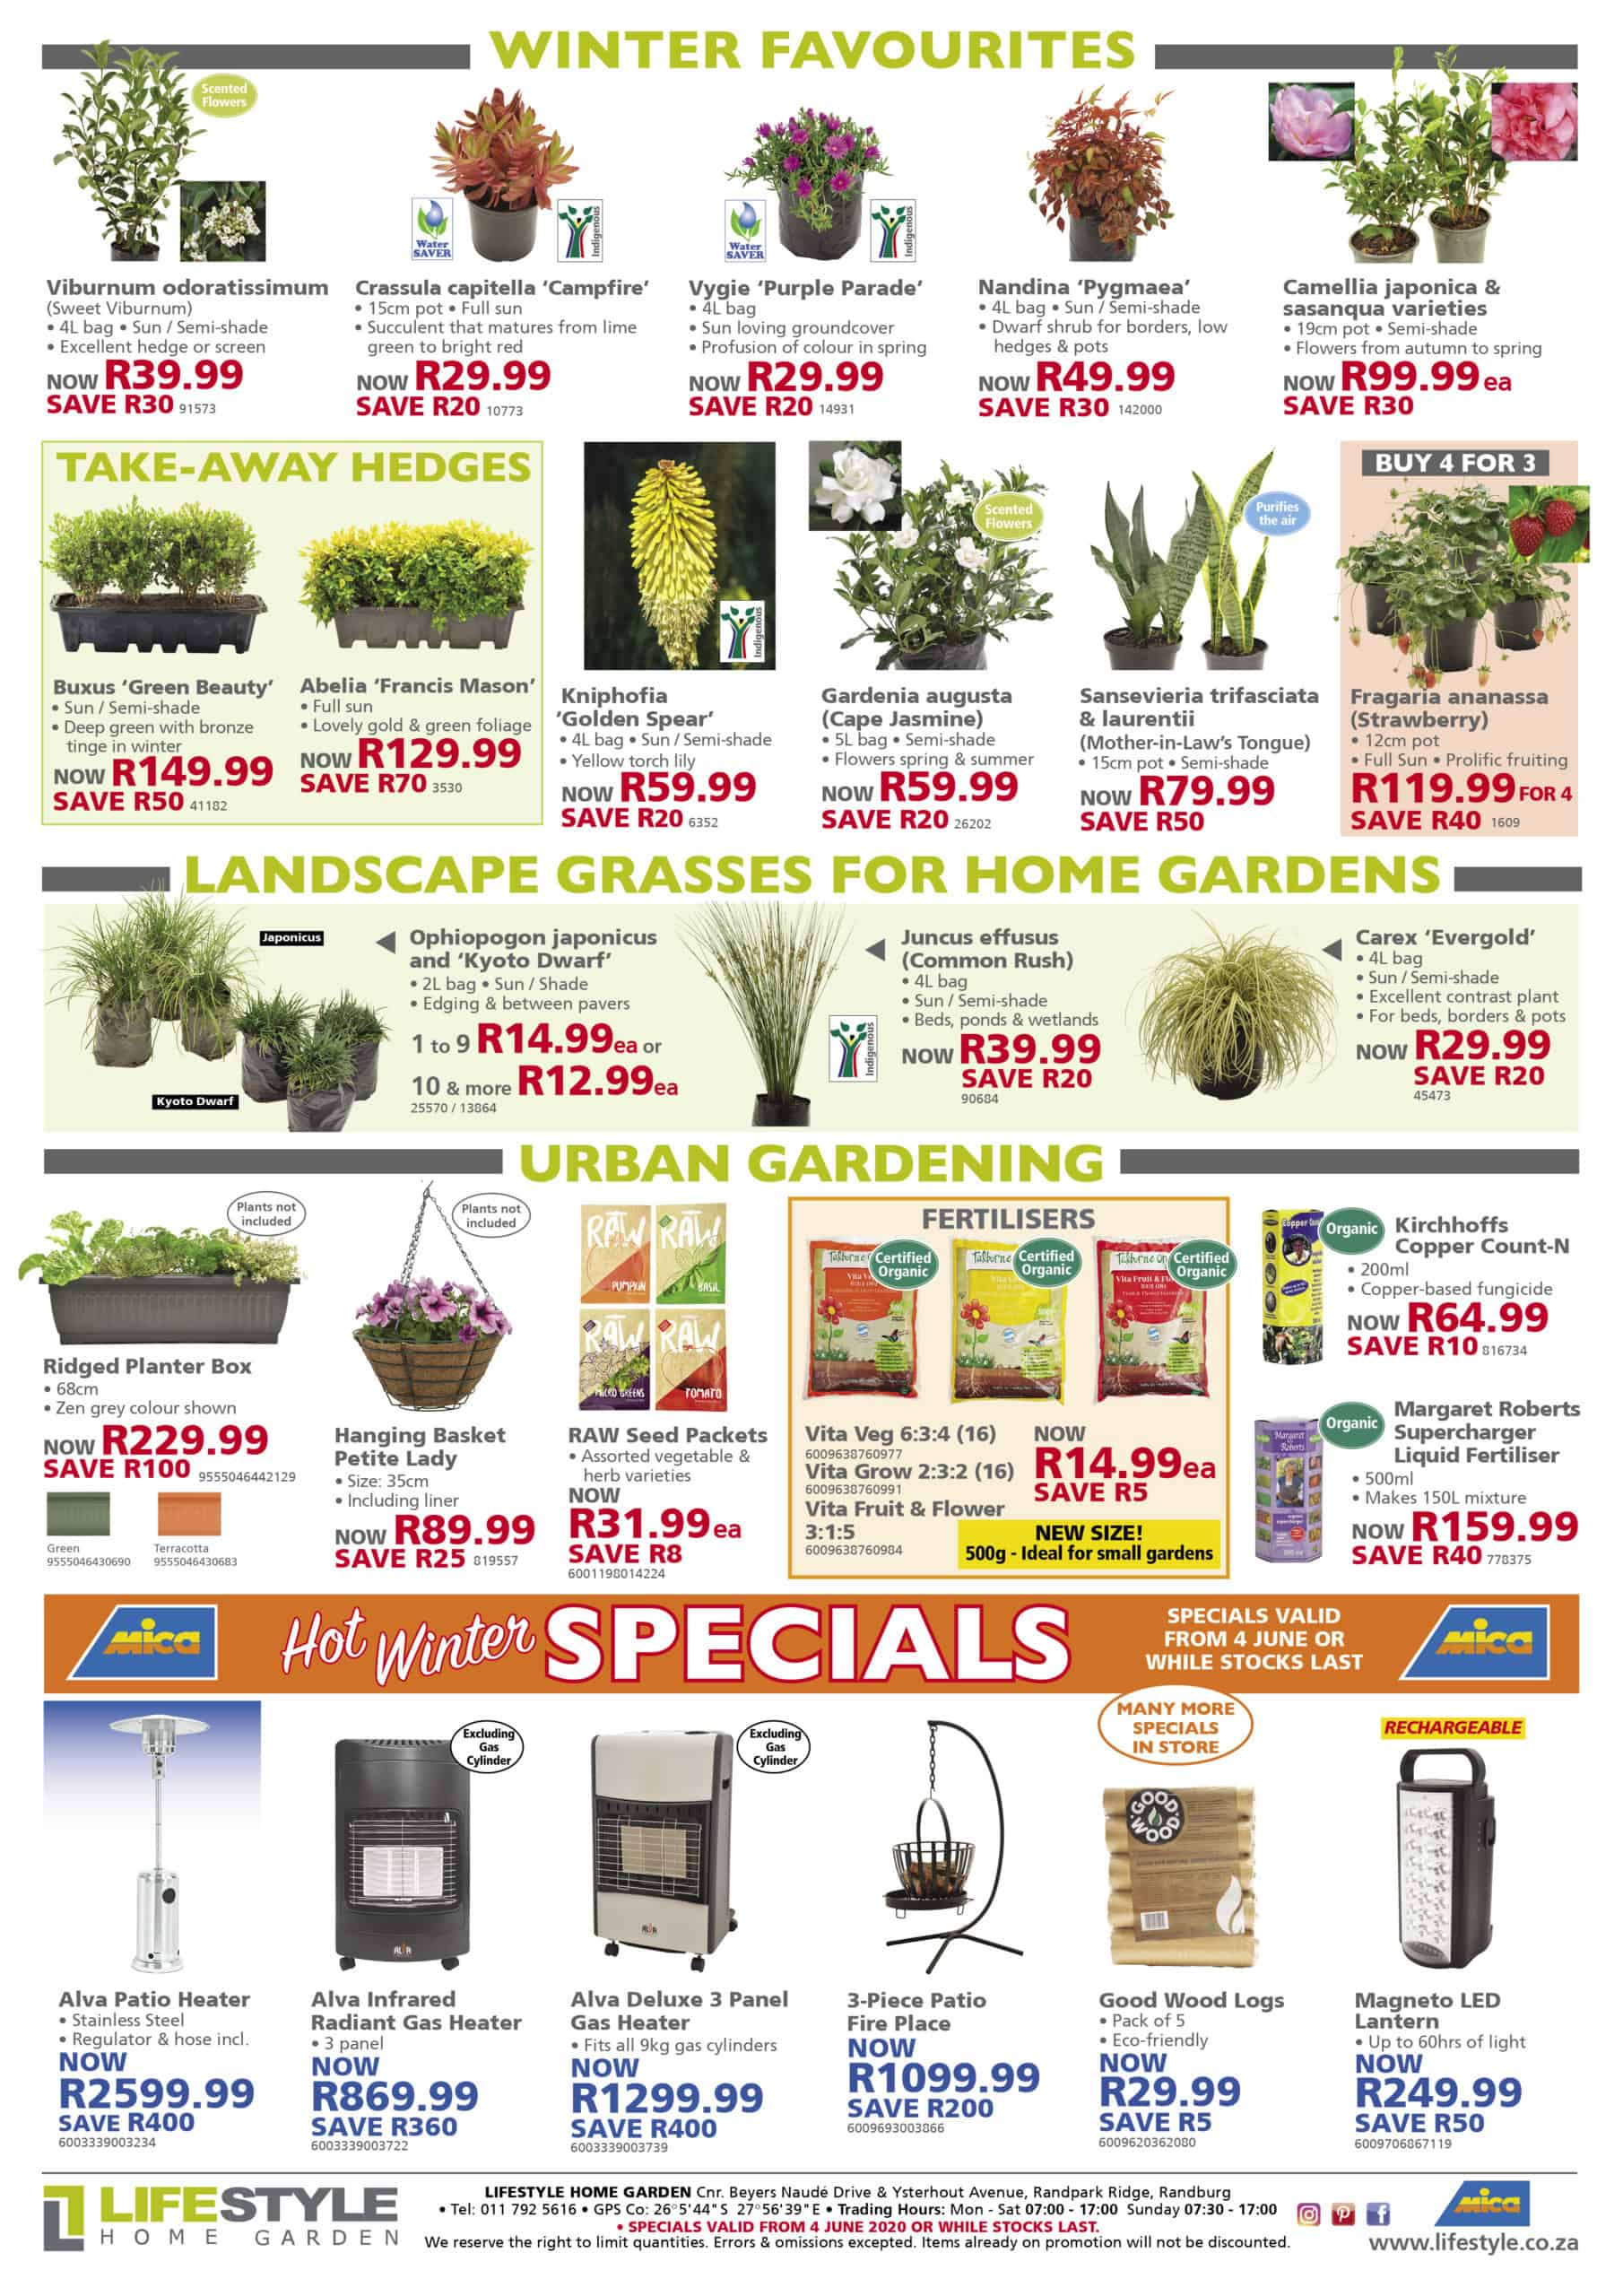 lifestyle home garden nursery plant shop specials june winter indoor plants johannesburg gauteng